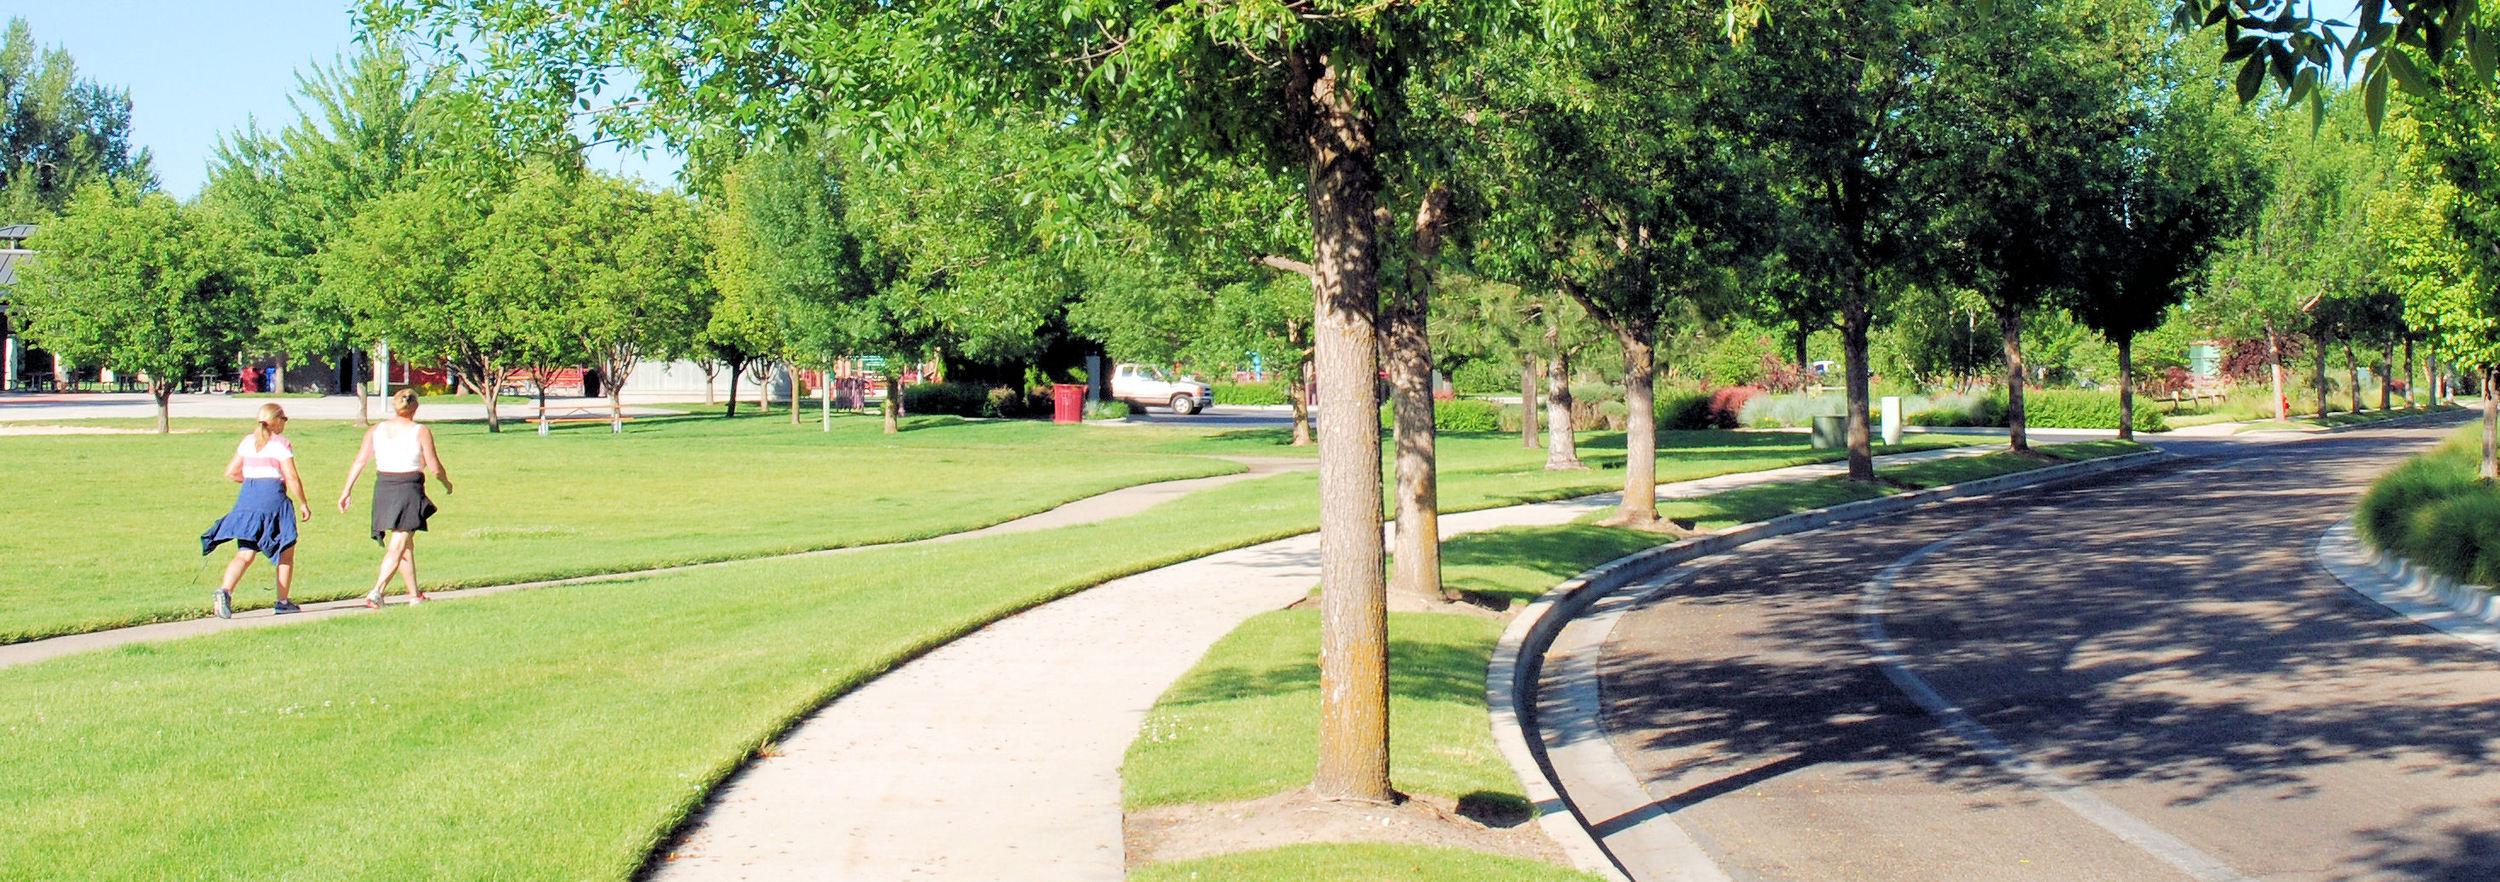 Merrill Park Eagle River